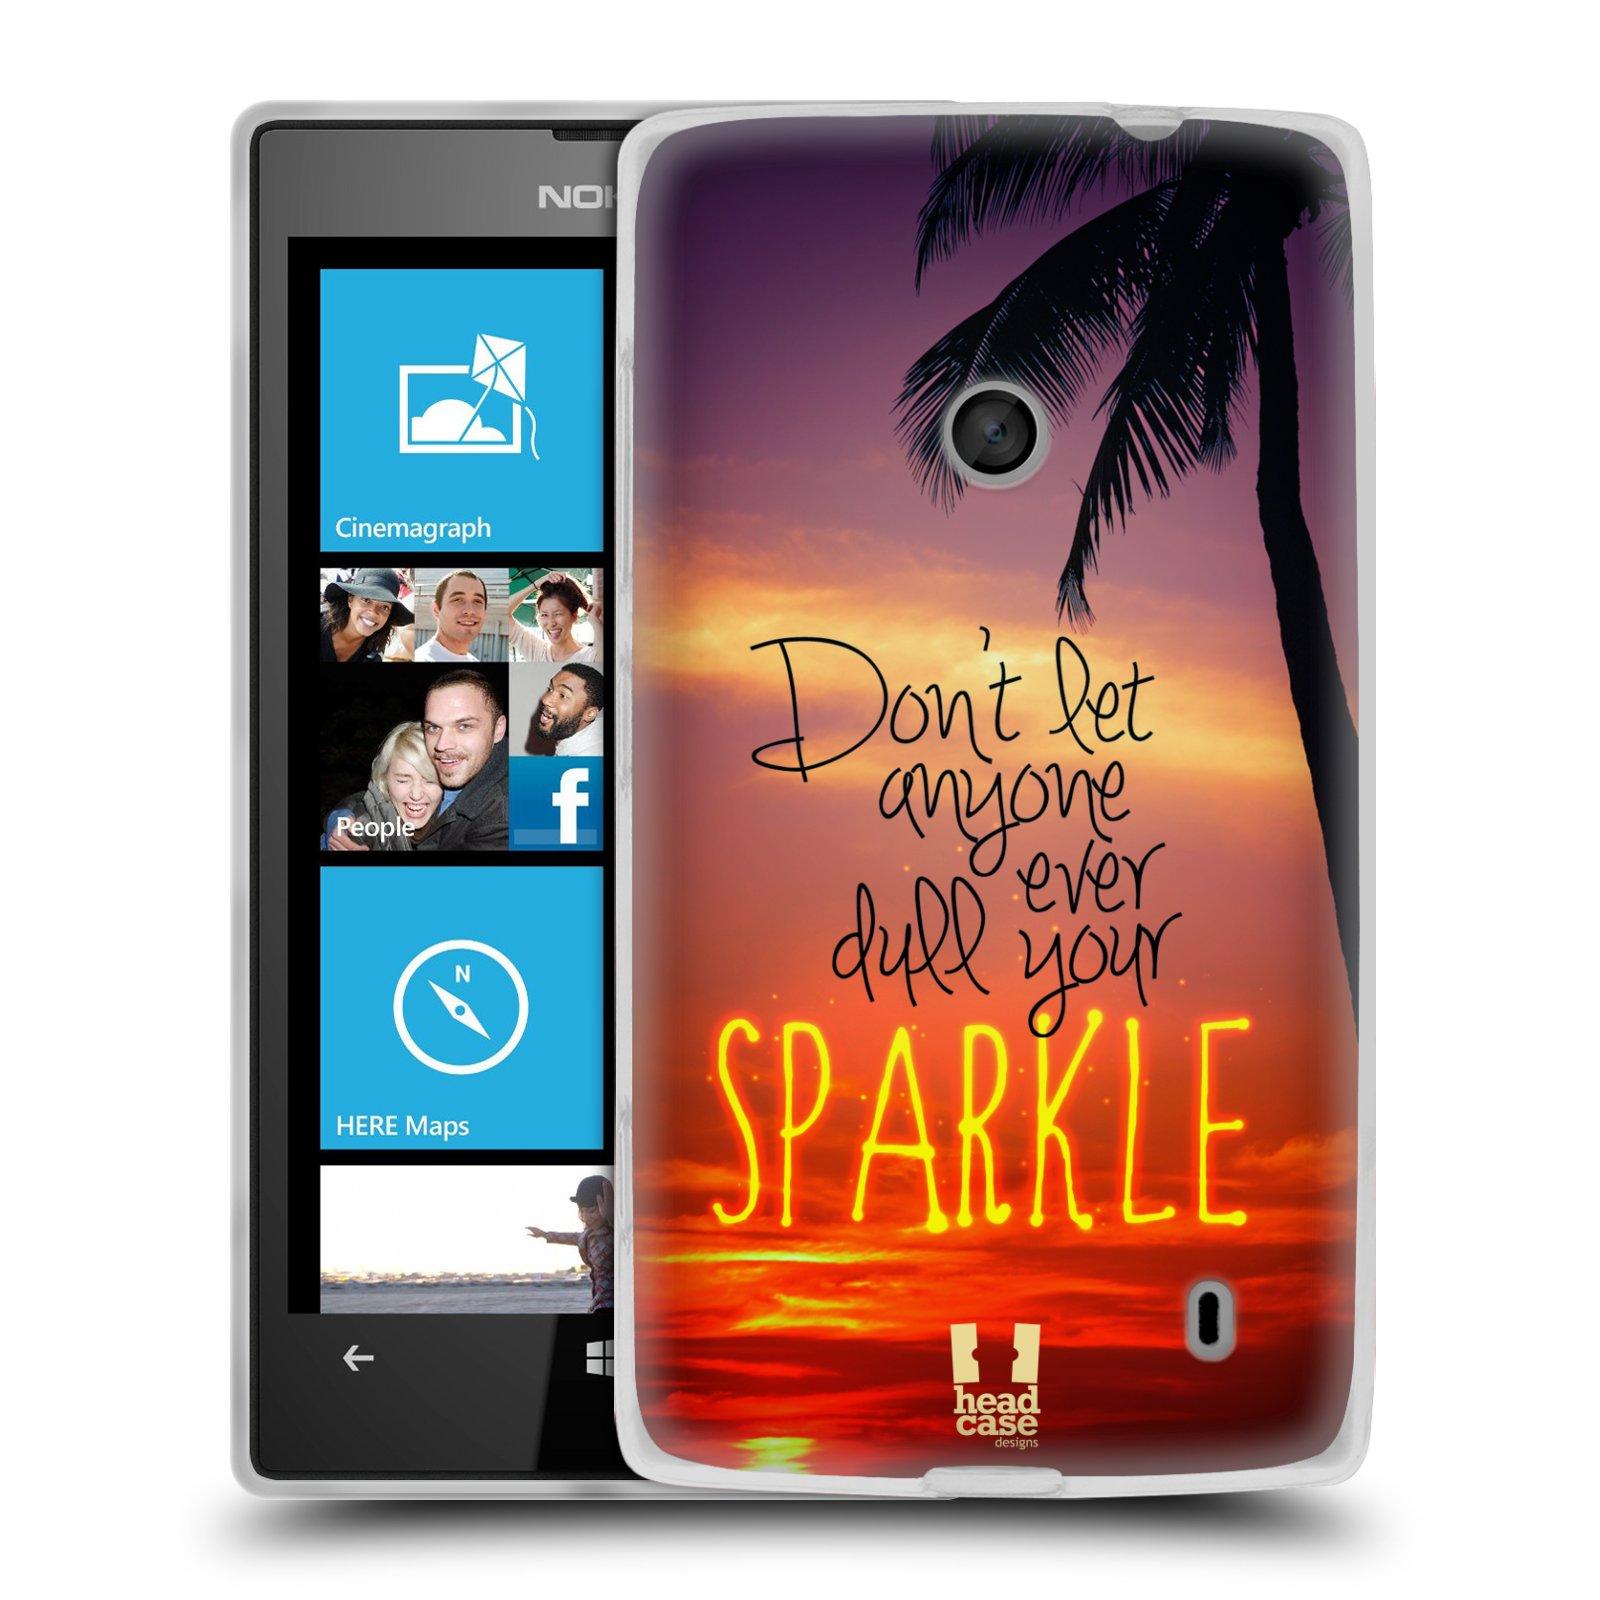 Silikonové pouzdro na mobil Nokia Lumia 520 HEAD CASE SPARKLE (Silikonový Kryt či obal na mobilní telefon Nokia Lumia 520)